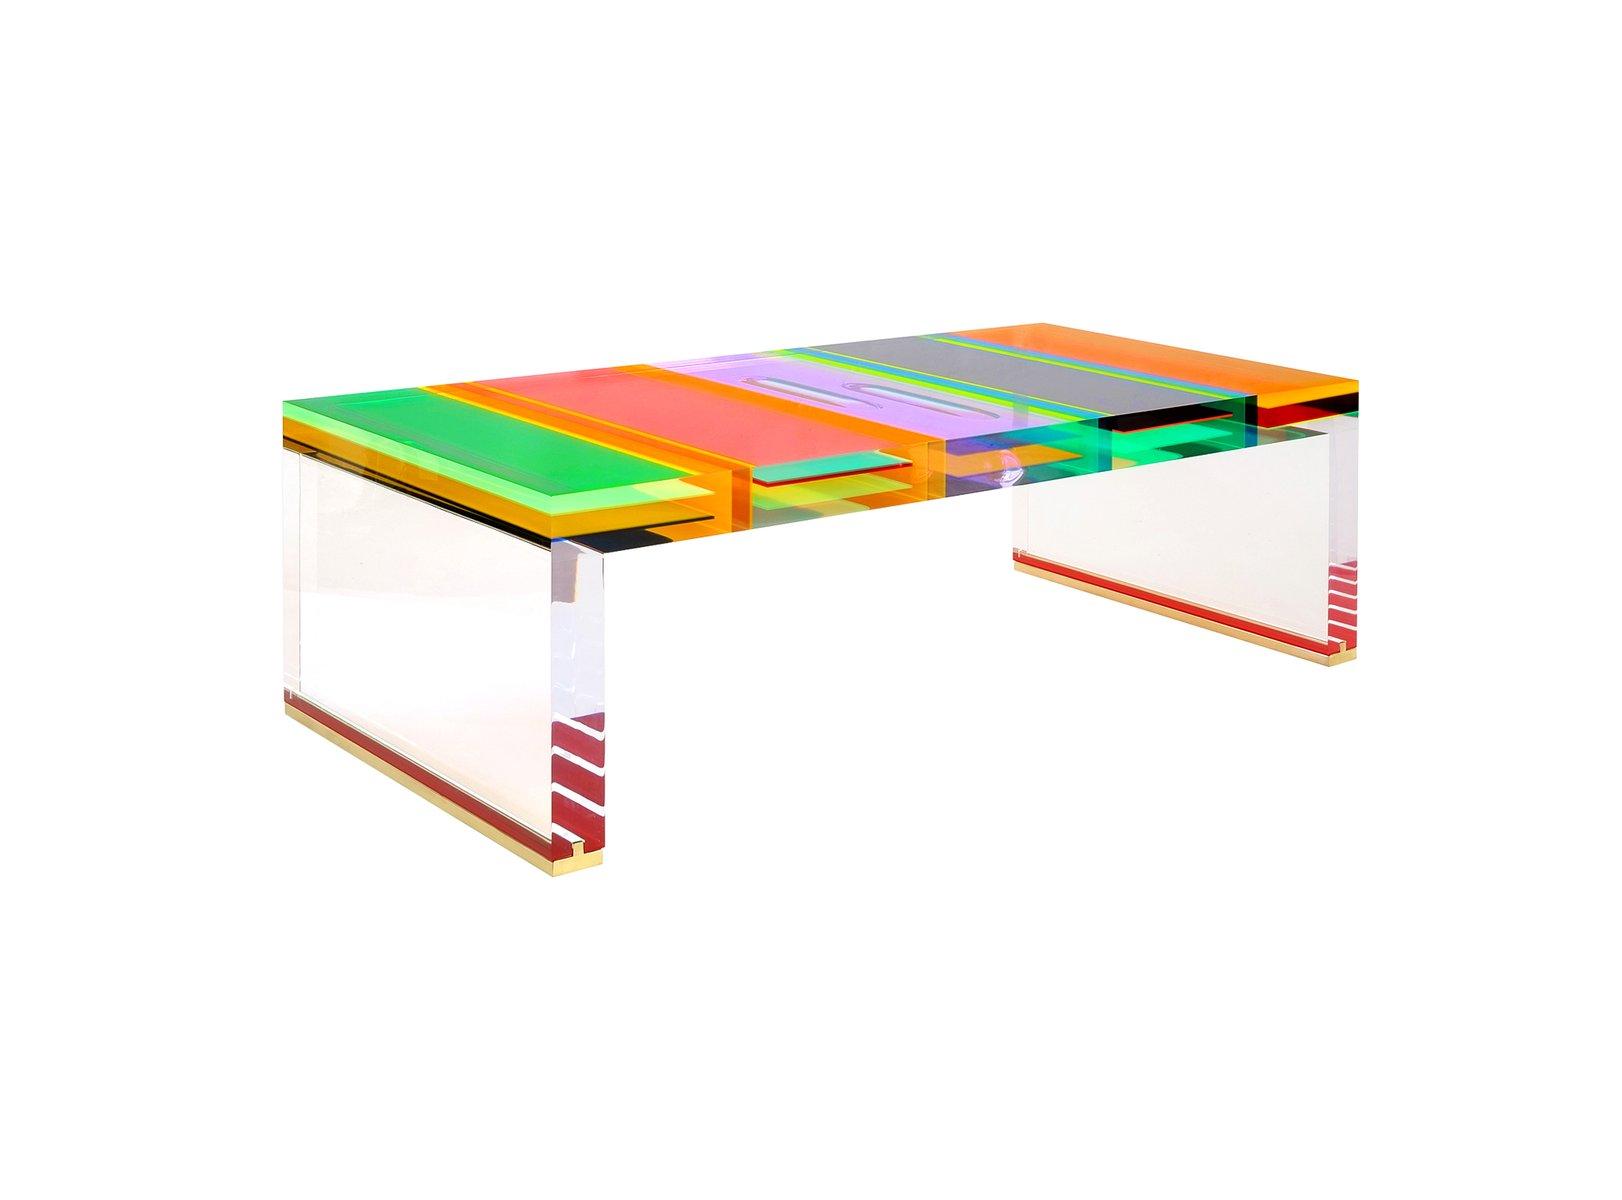 Plexiglas dna couchtisch von studio superego bei pamono kaufen for Plexiglas couchtisch